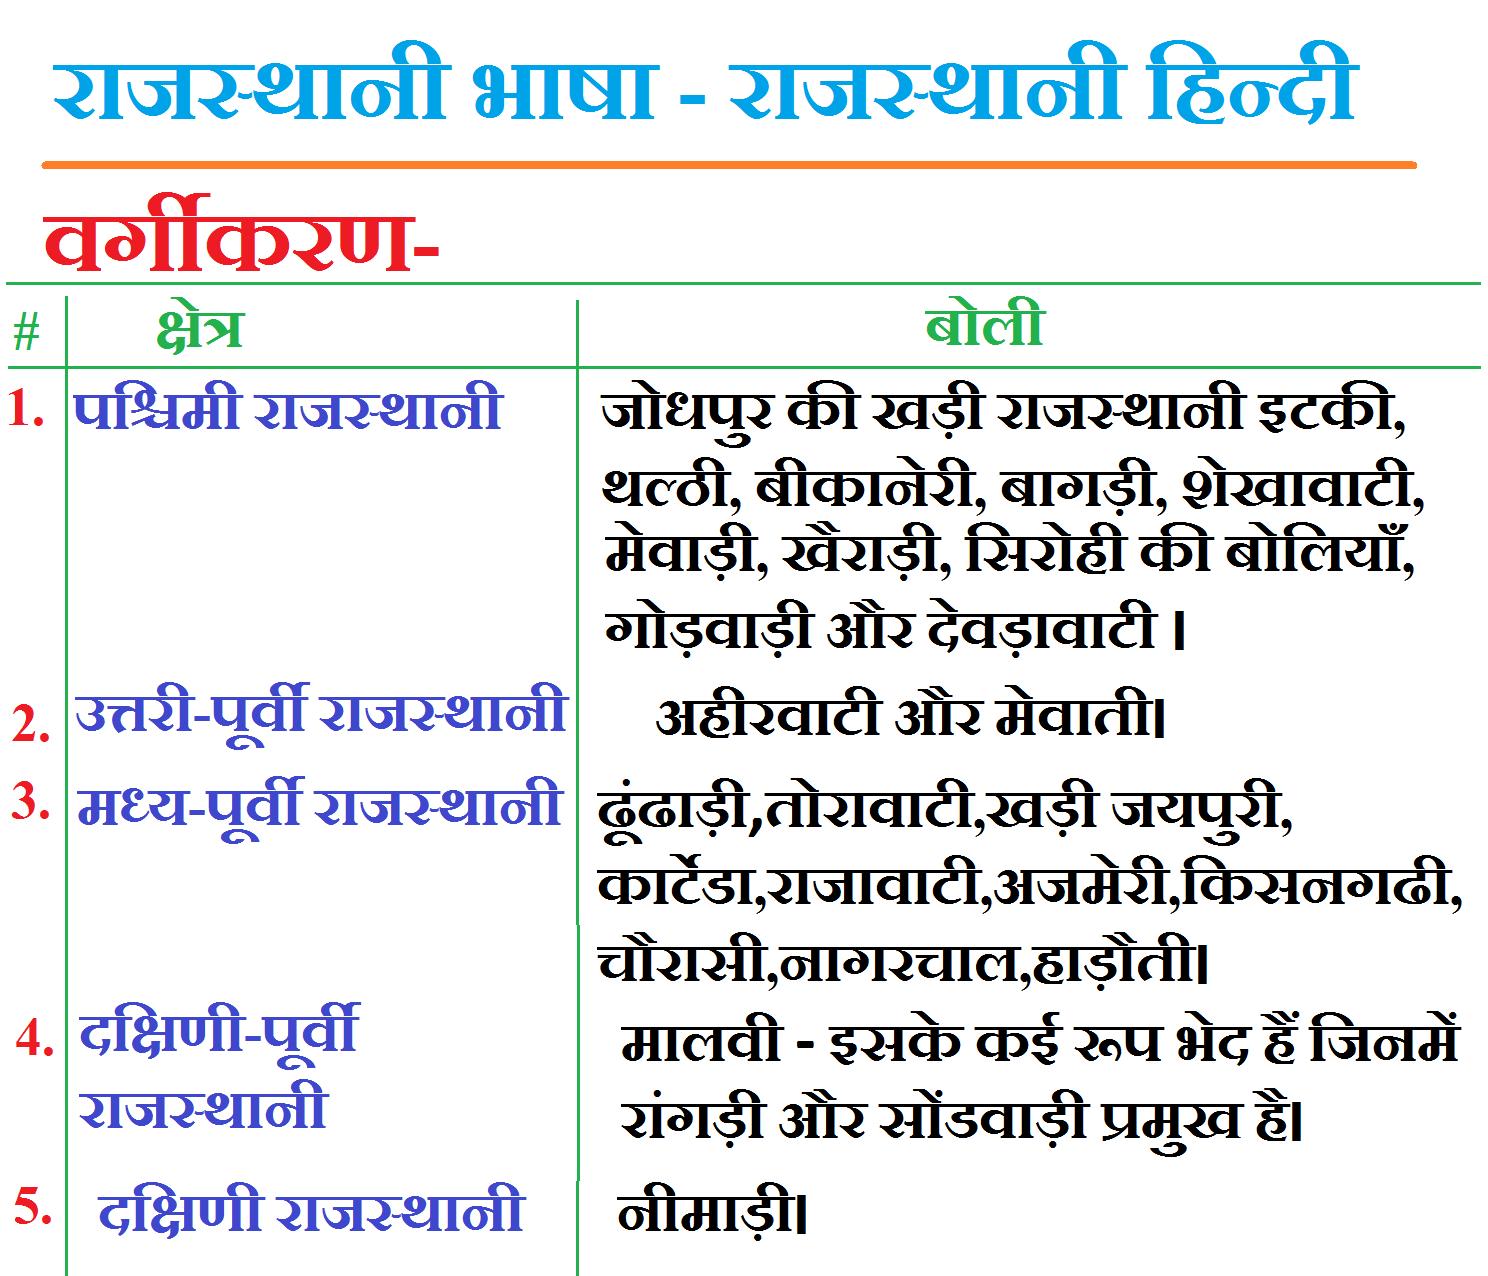 RAJASTHANI BHASHA KE BHED, UPBHED - HINDI